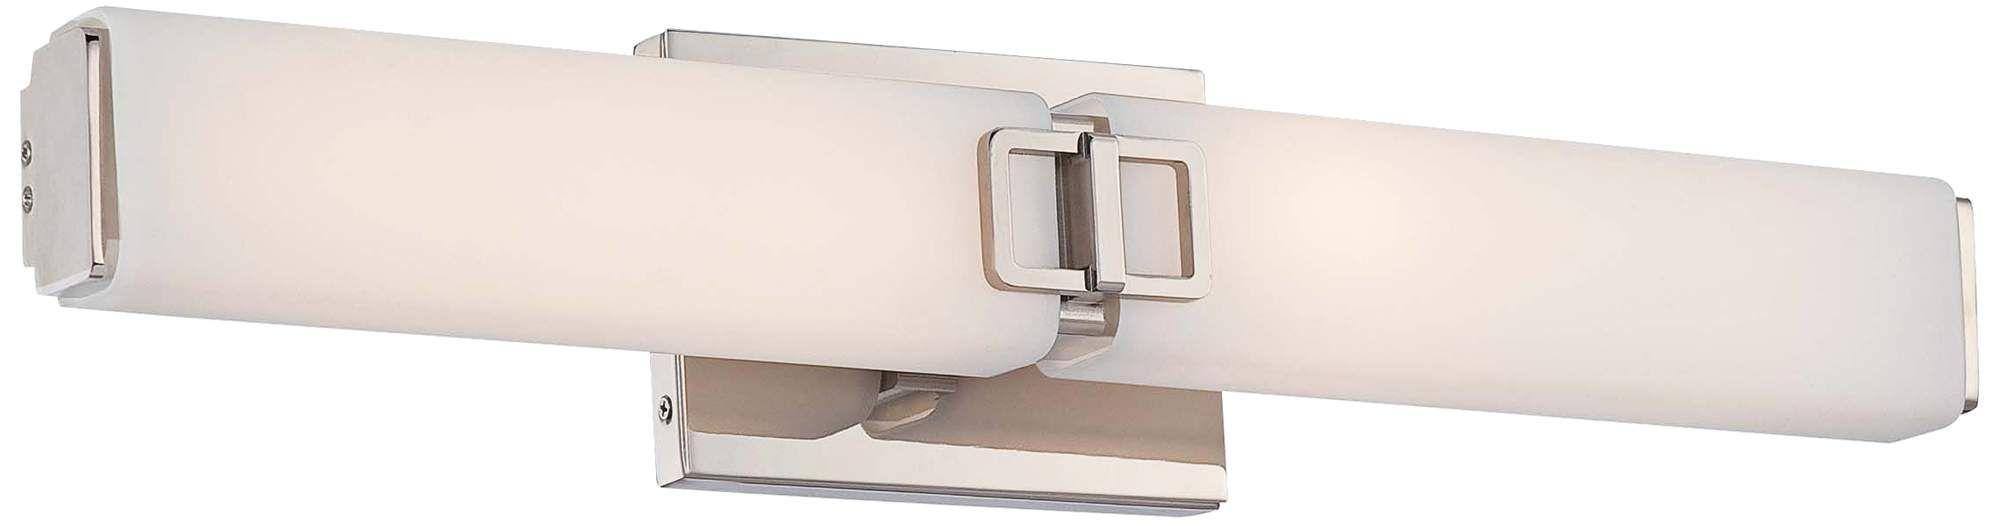 Photo of Quadrat 24 und eine halbe Zoll breite polierte Nickel 2 Licht LED-Bad Licht